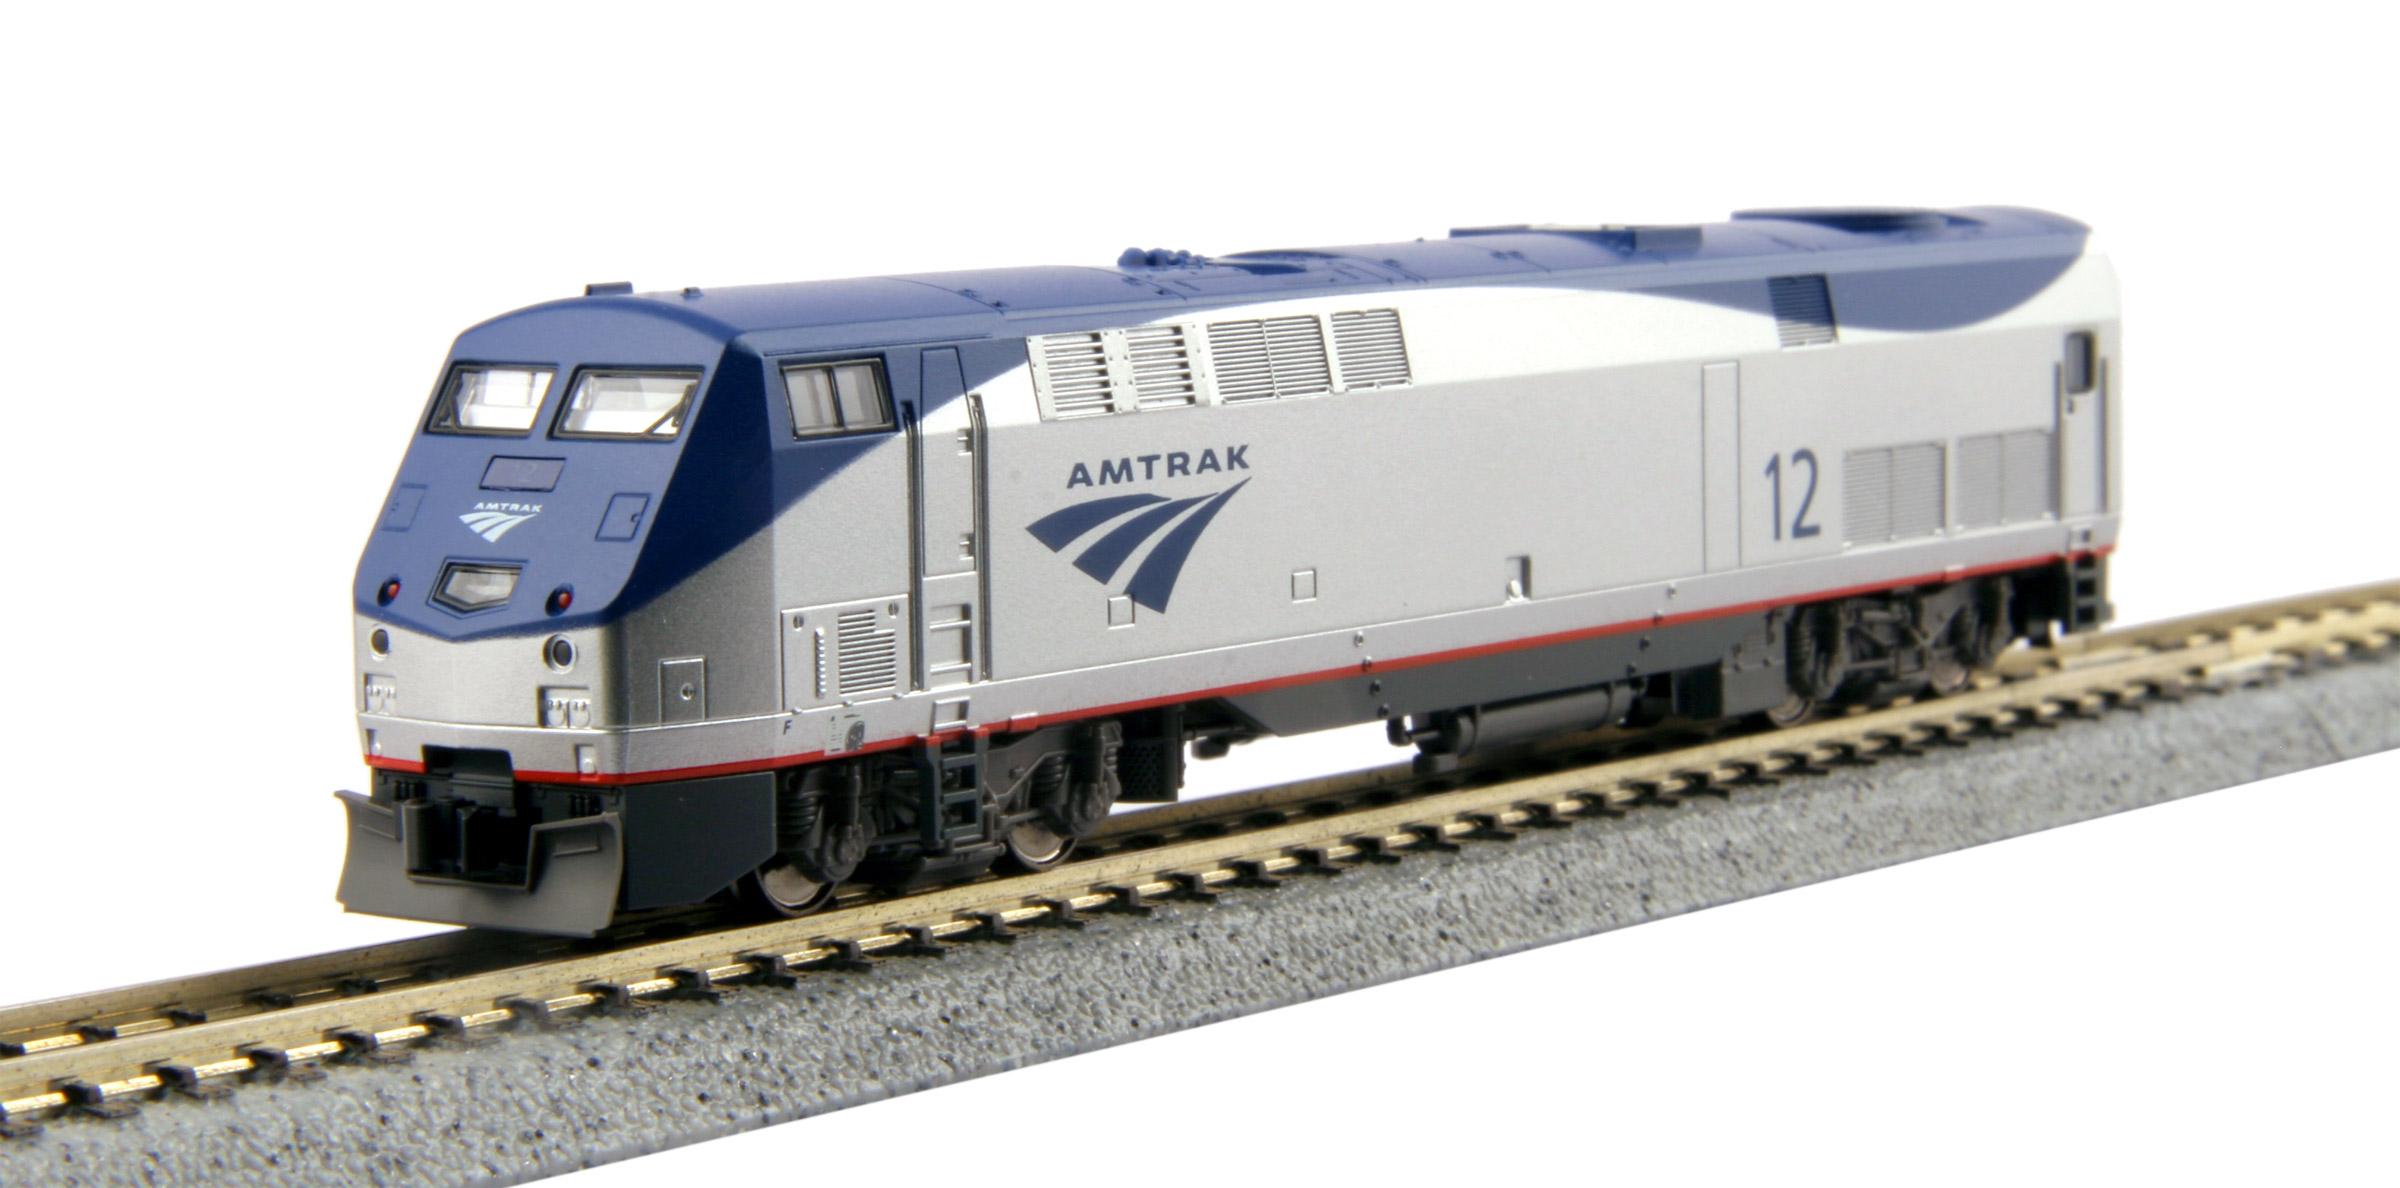 N Scale - Kato USA - 176-6027 - Locomotive, Diesel, GE P42 Genesis - Amtrak - 12